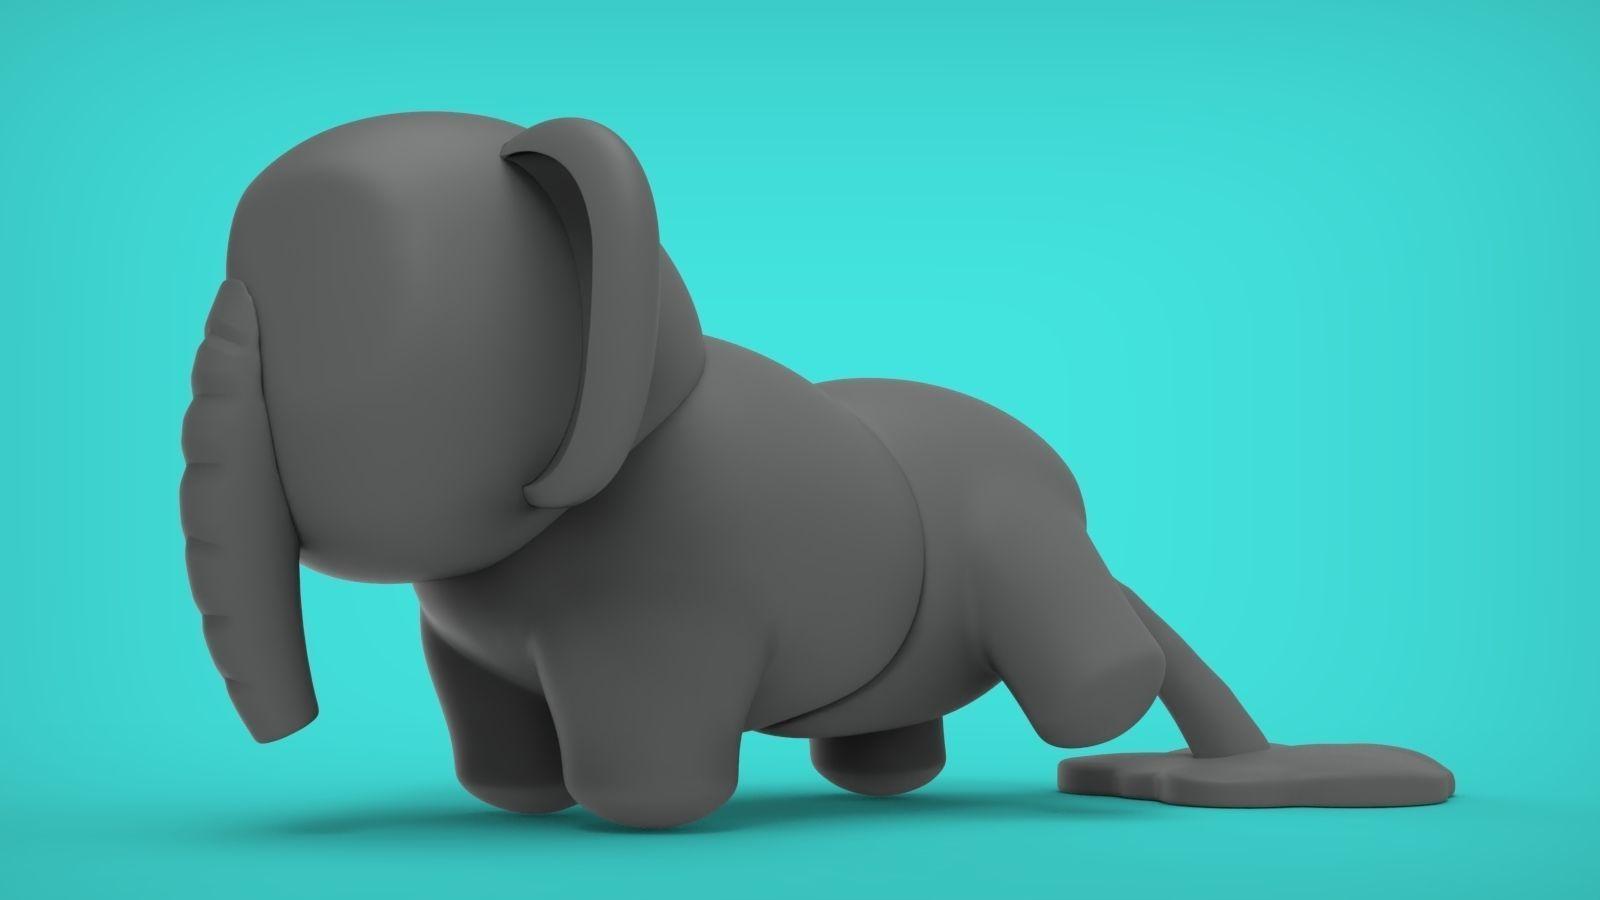 Elephant Peeing